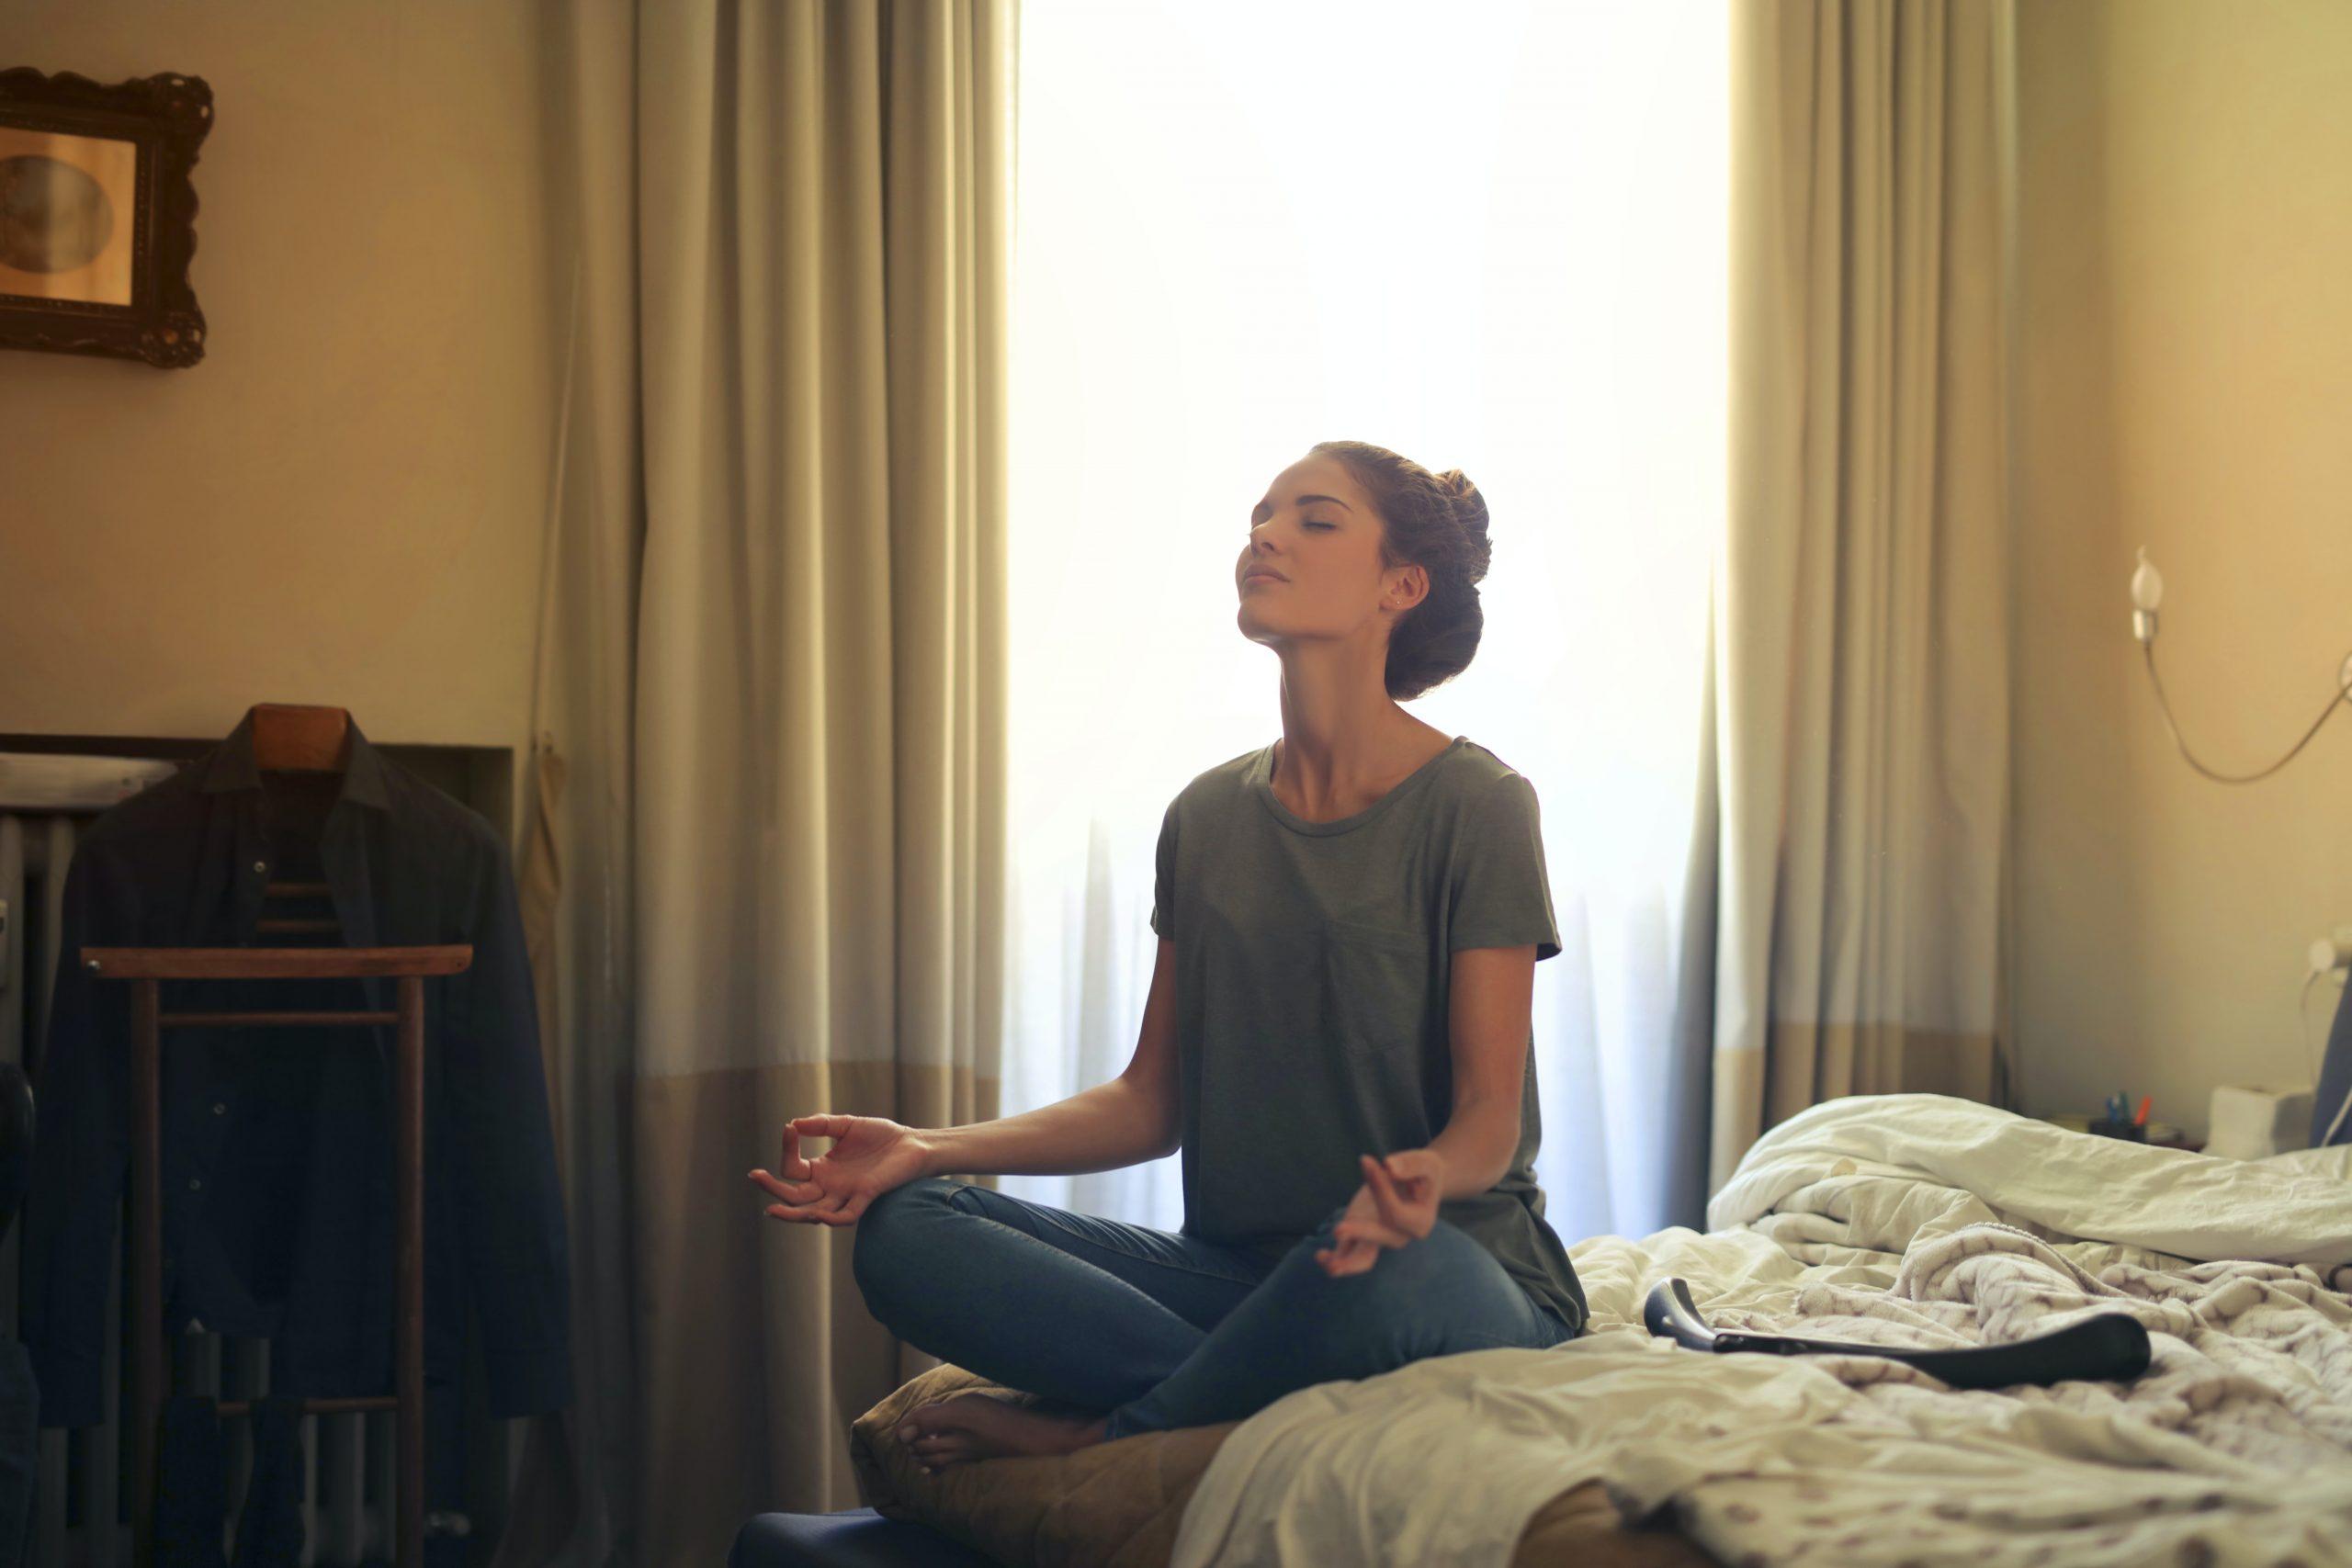 Como ter harmonia entre o corpo e a mente com a meditação